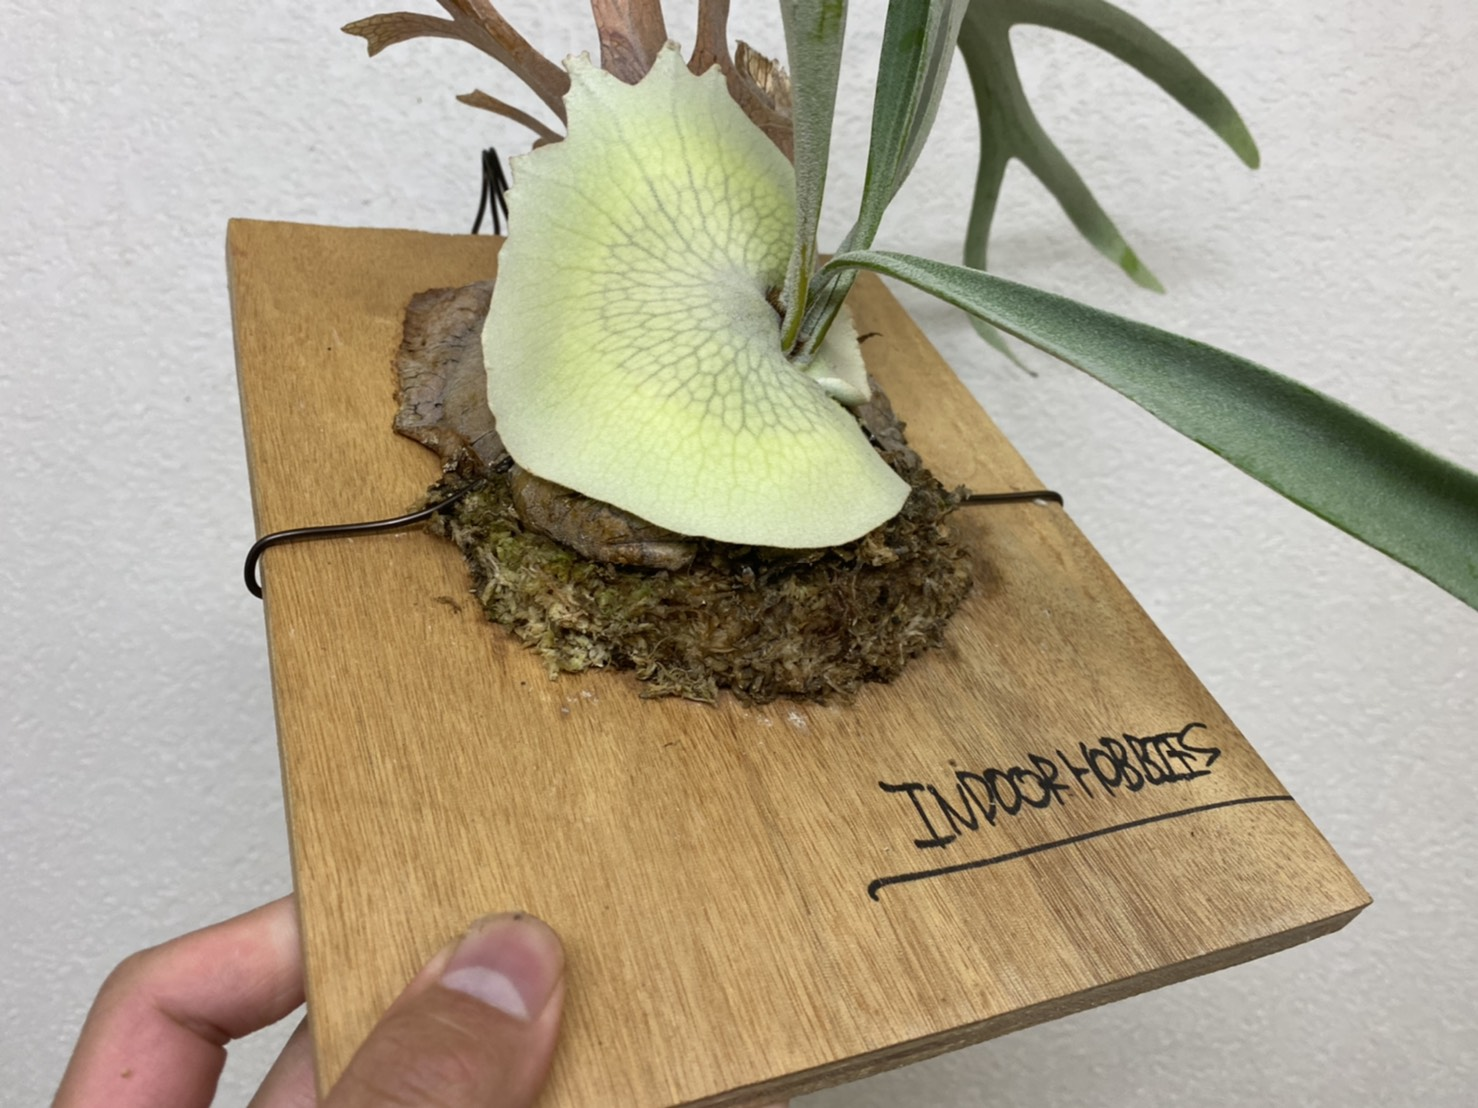 【ビカクシダ】水苔の極少仕立てのメンテナンス。